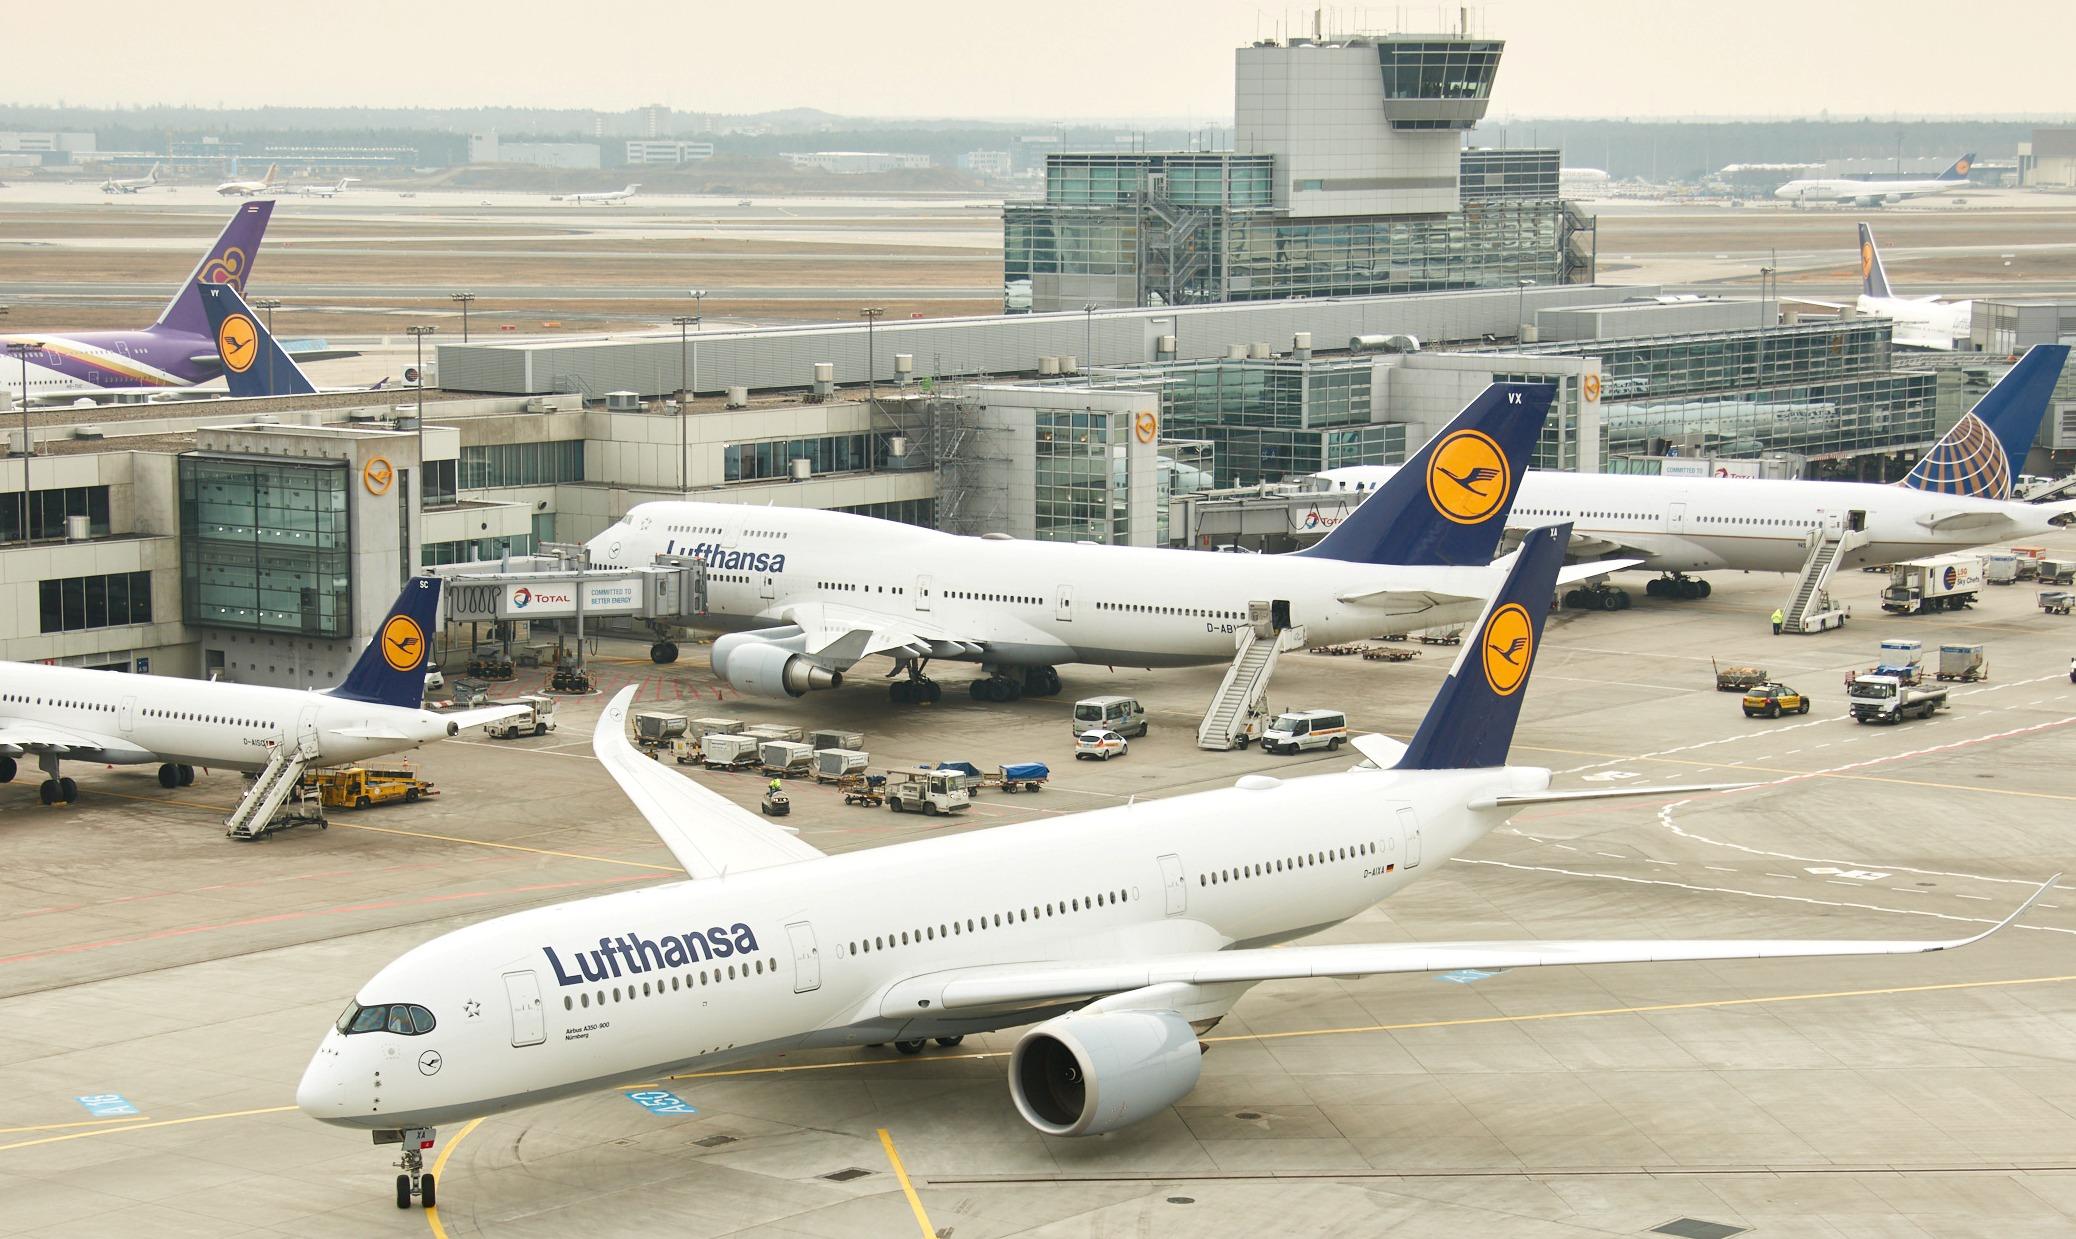 Tre af de største flyselskaber i Lufthansa-gruppen, Austrian, Lufthansa og Swiss, har fra i dag fjernet den billigste billettype på economy og business fra reservationssystemerne for billetter udstedt i Danmark. Fremover kan disse priser kun findes på Lufthansa-gruppens NDC-løsninger. Pressefoto: Lufthansa Group.